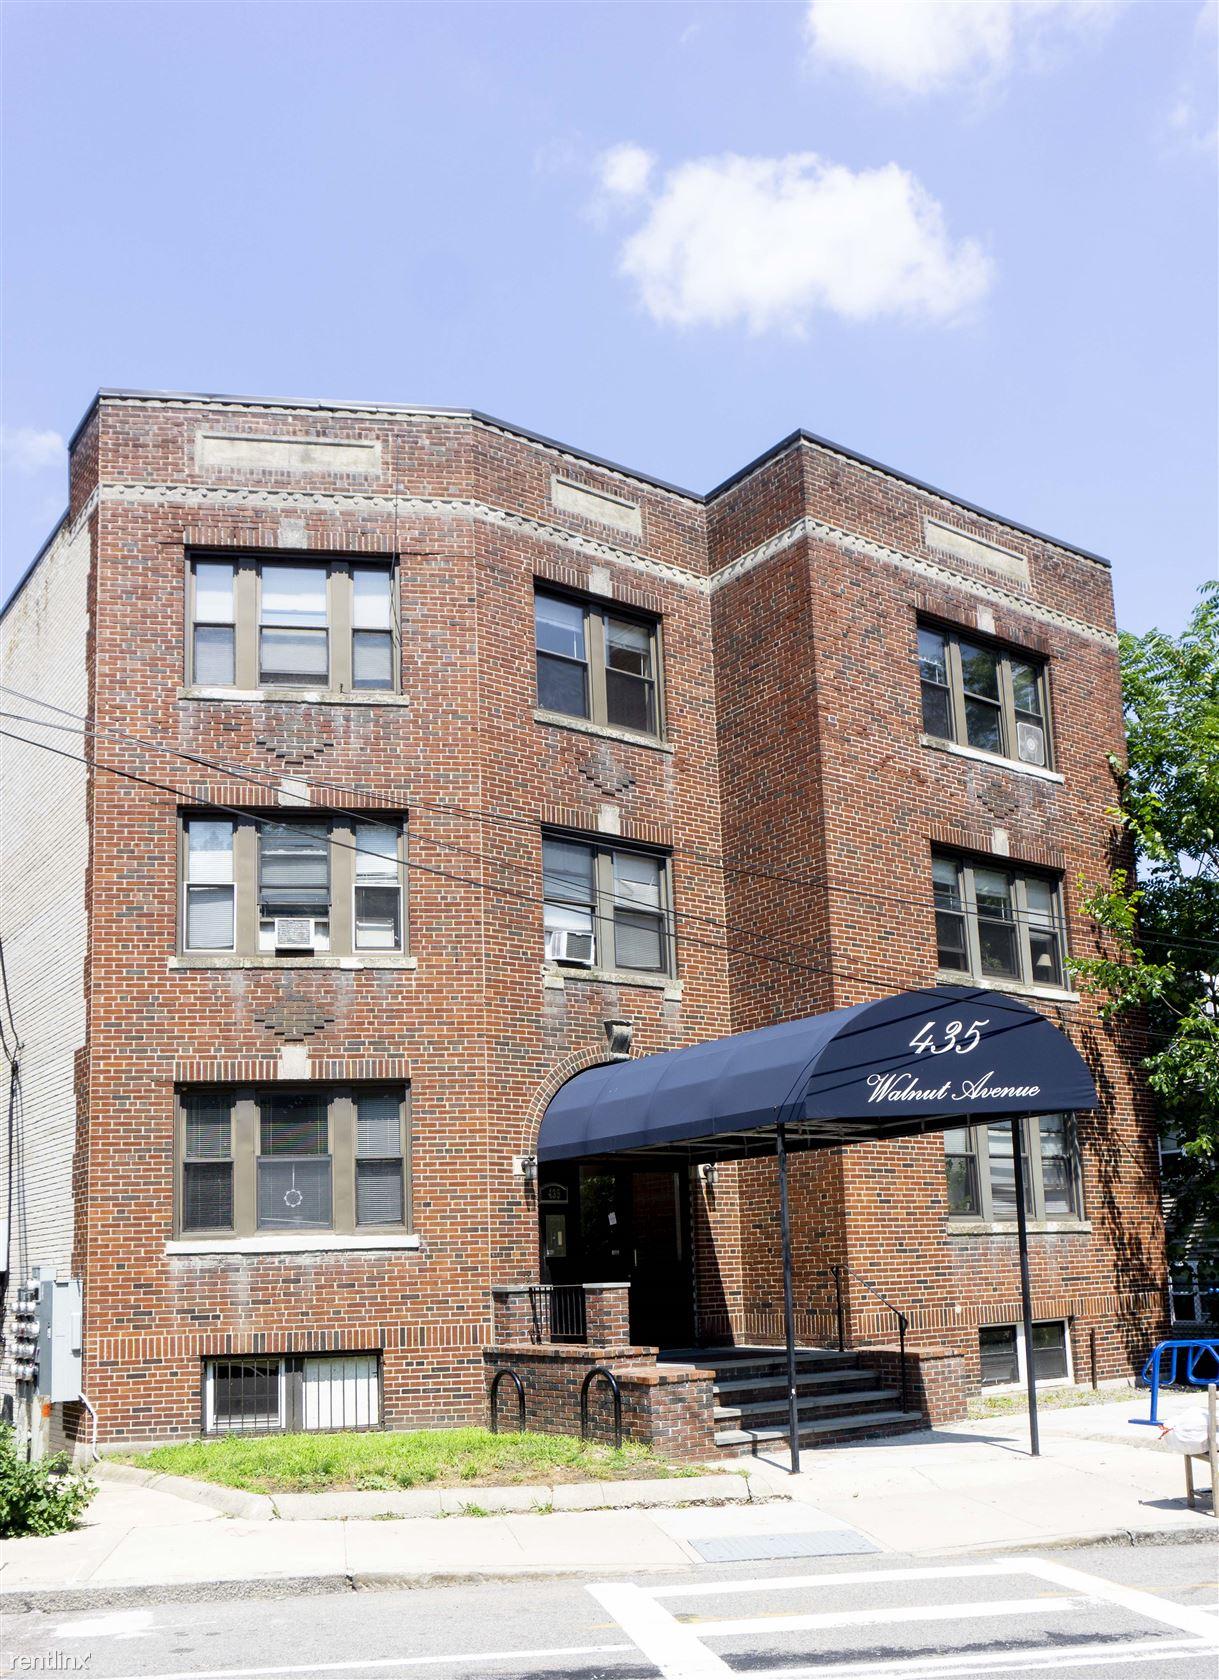 435 Walnut Ave Apt 9, Roxbury, MA - $3,050 USD/ month